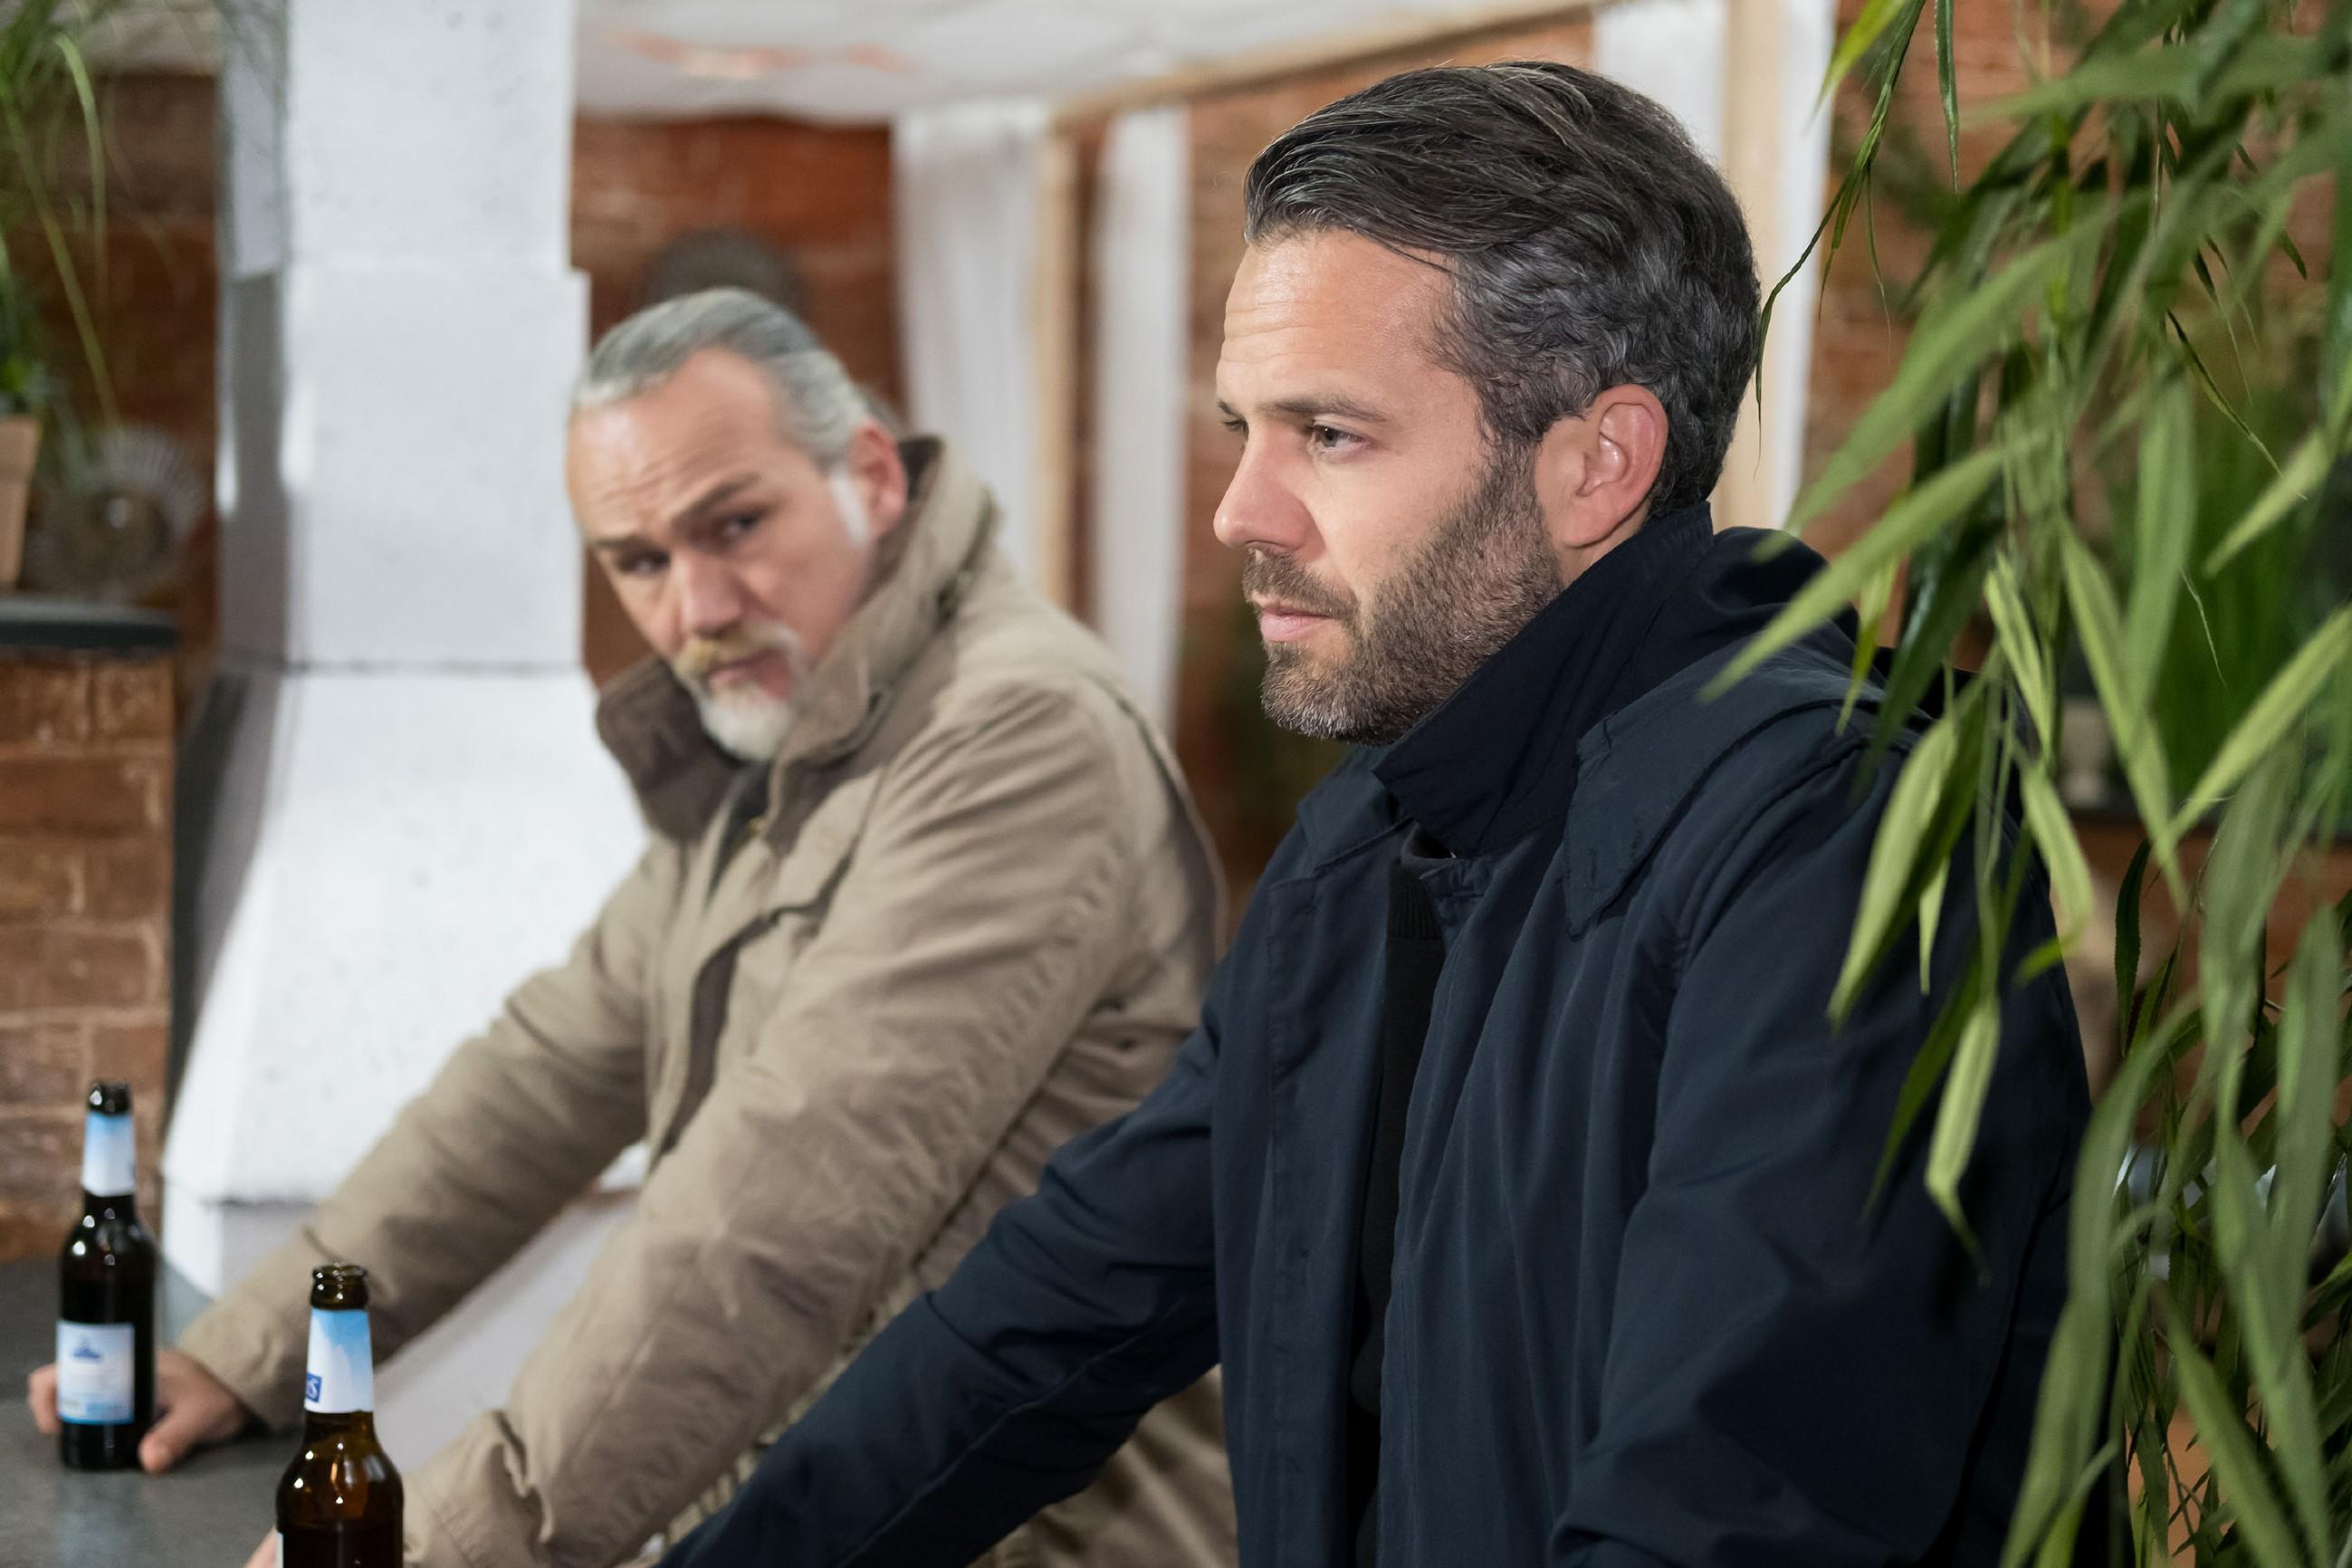 Till (Ben Ruedinger, r.) ist überrascht, dass gerade Robert (Luca Maric) ihm seine Unterstützung zusichert. (Quelle: RTL / Stefan Behrens)